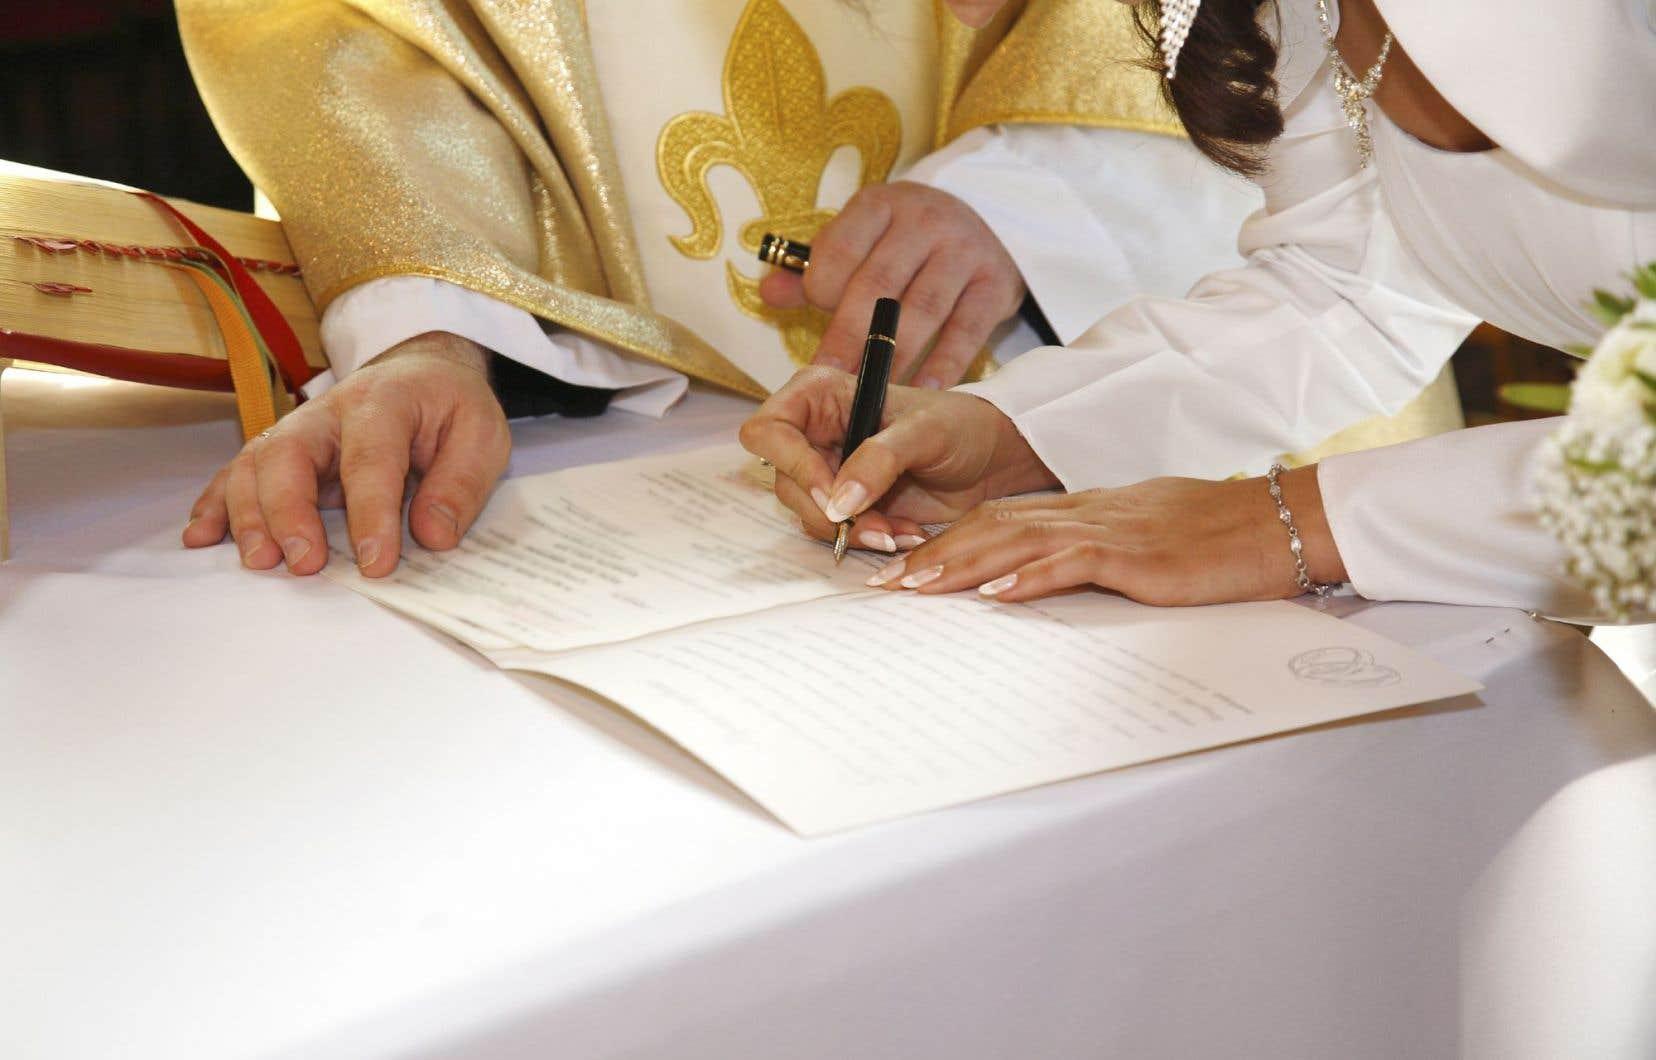 Reconnaître la possibilité de mariages religieux exempts d'effets juridiques en droit québécois entraînerait de graves conséquences qui nous feraient reculer socialement de plusieurs décennies.